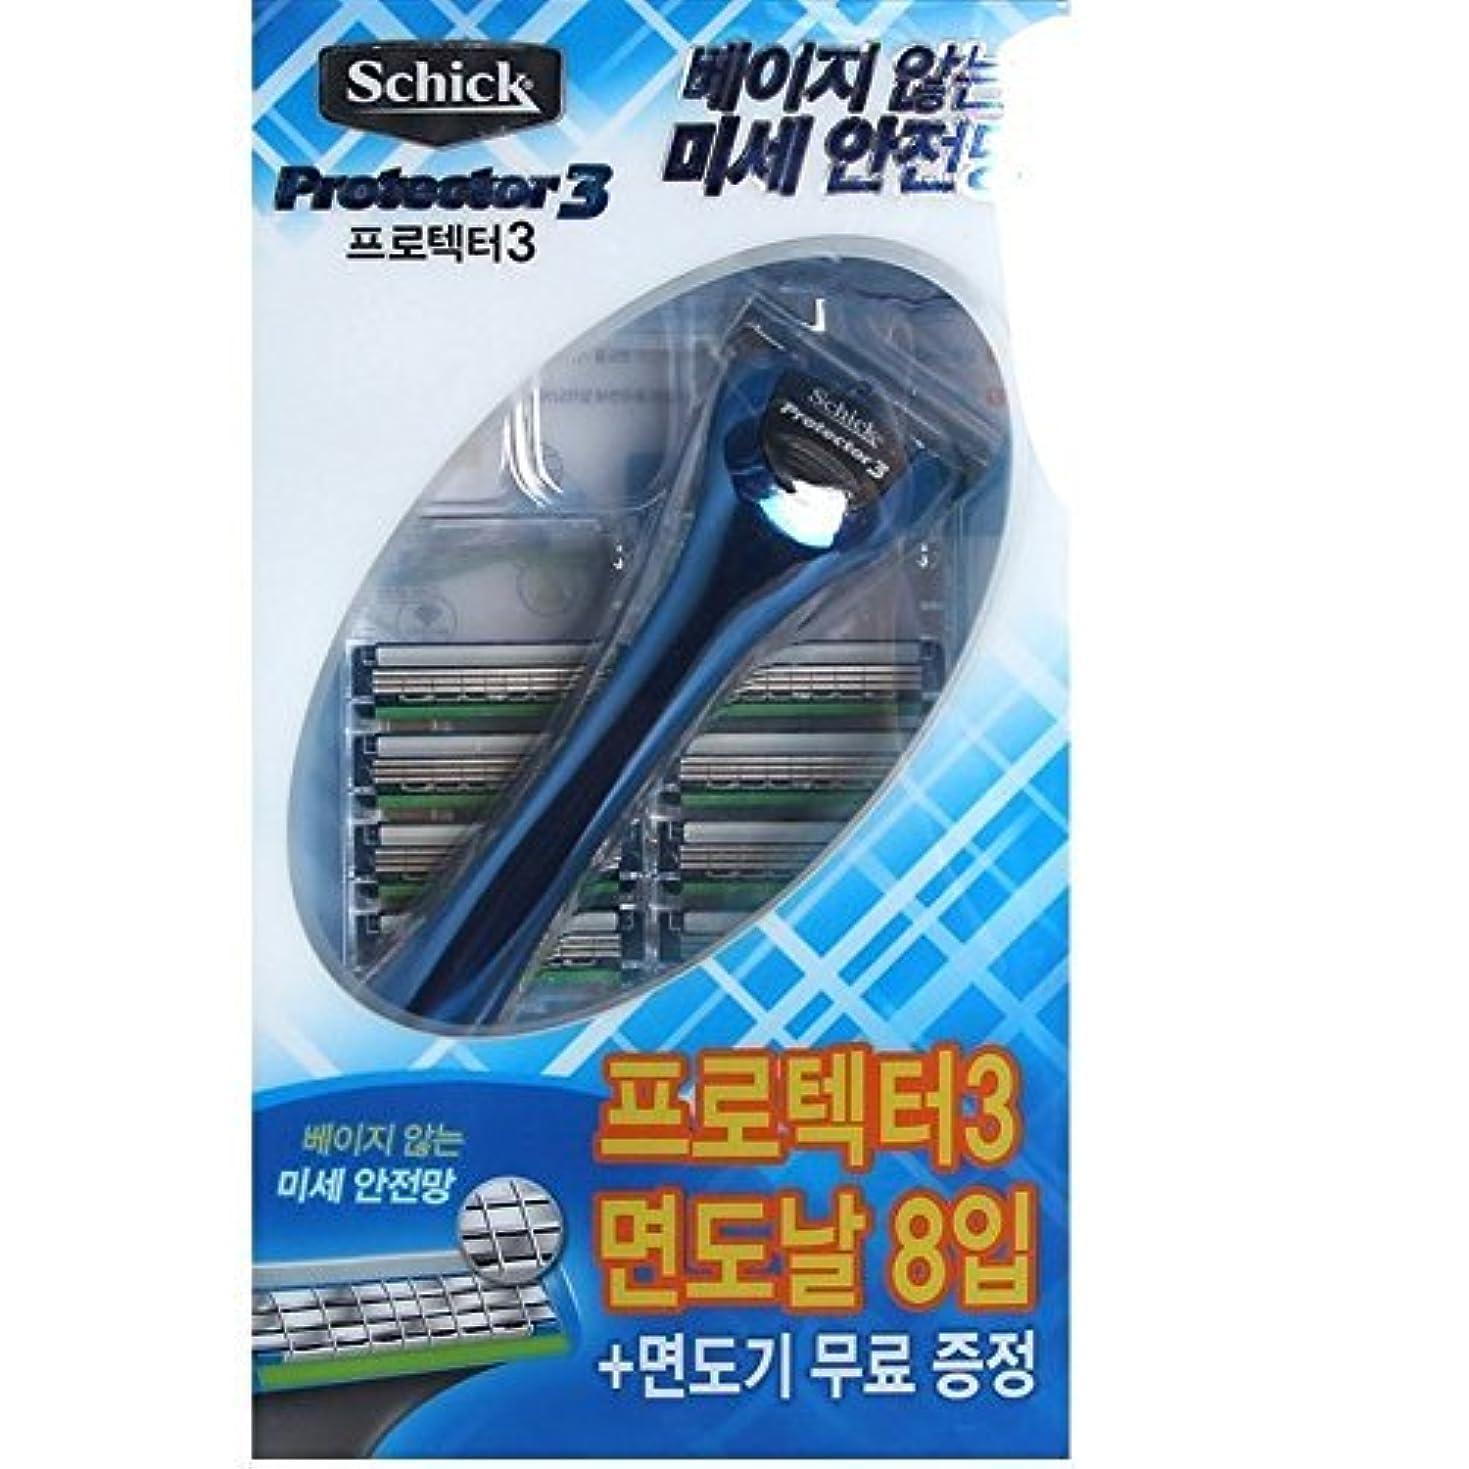 レトルト入札ぴかぴかSchick Protector3 1 Razor + 8 カートリッジリフィルブレイド [並行輸入品]